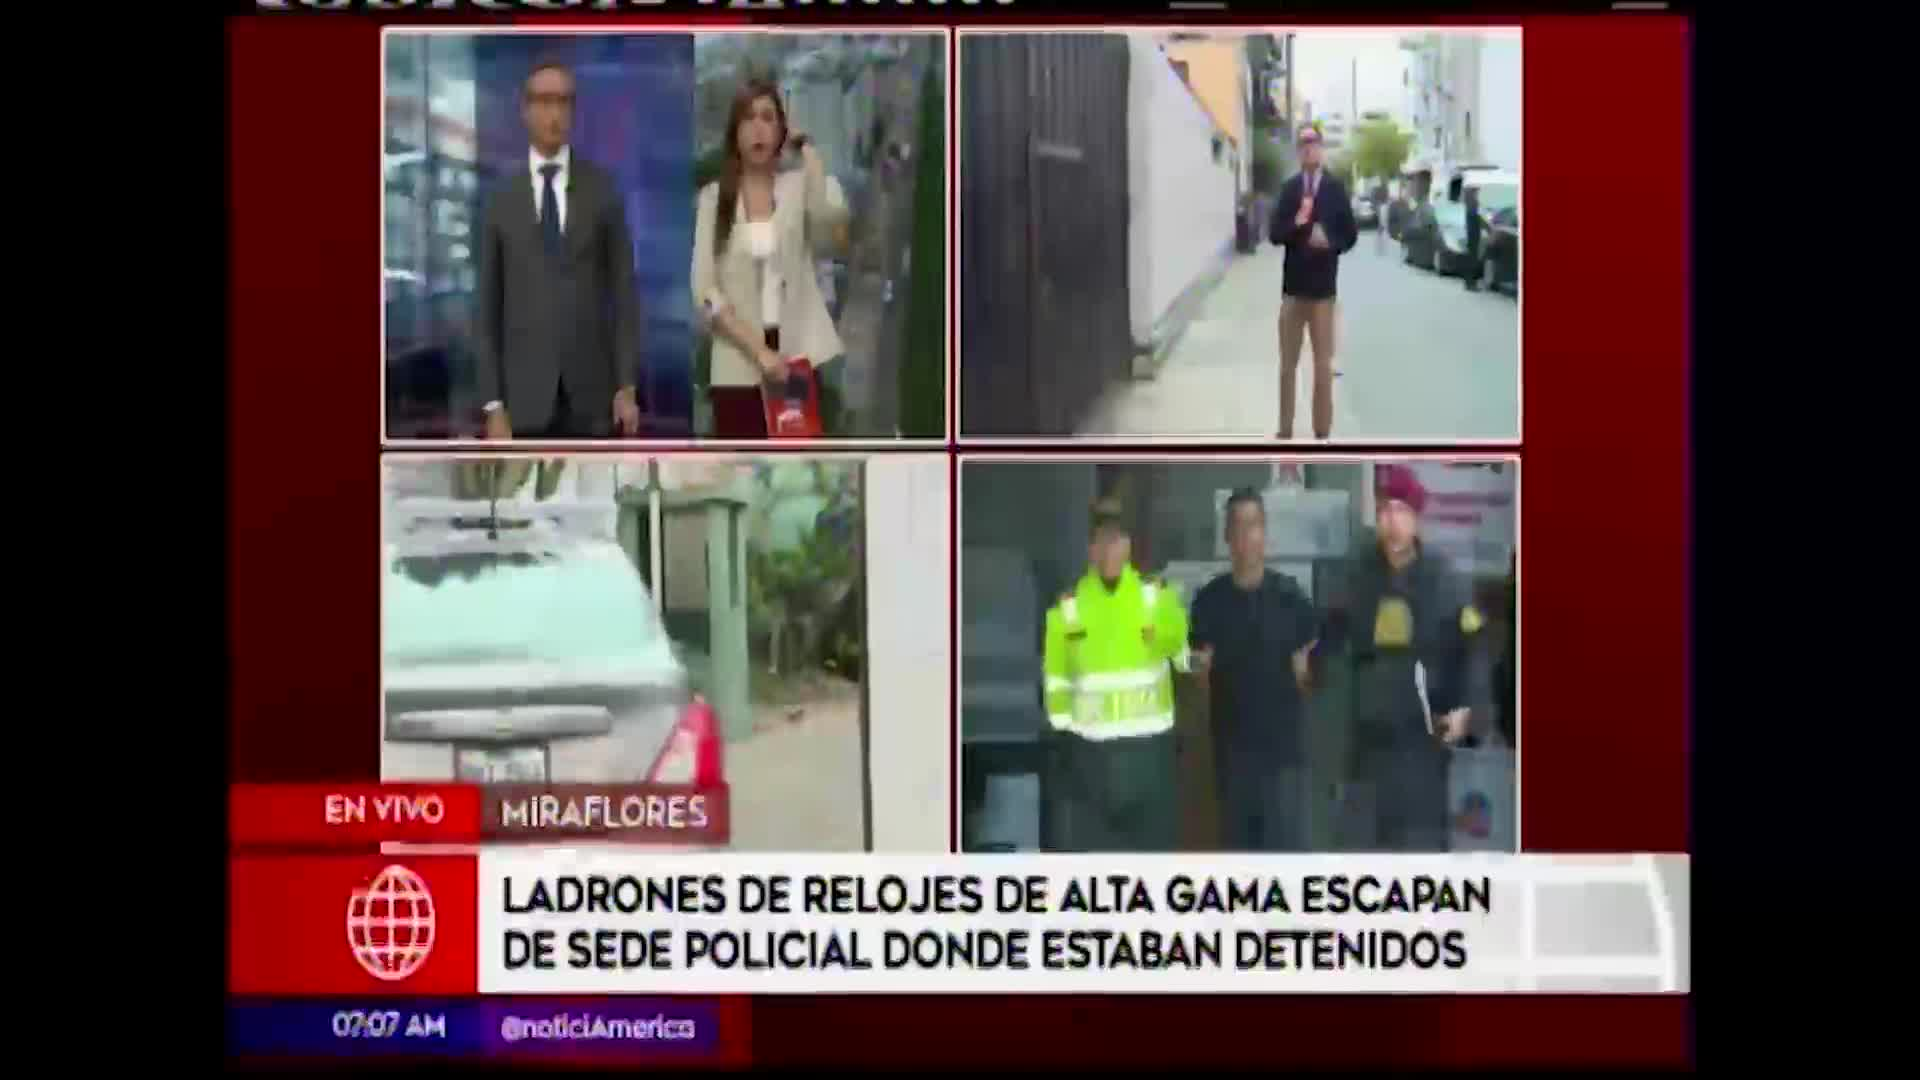 Miraflores: ladrones de relojes de alta gama escapan de sede policial